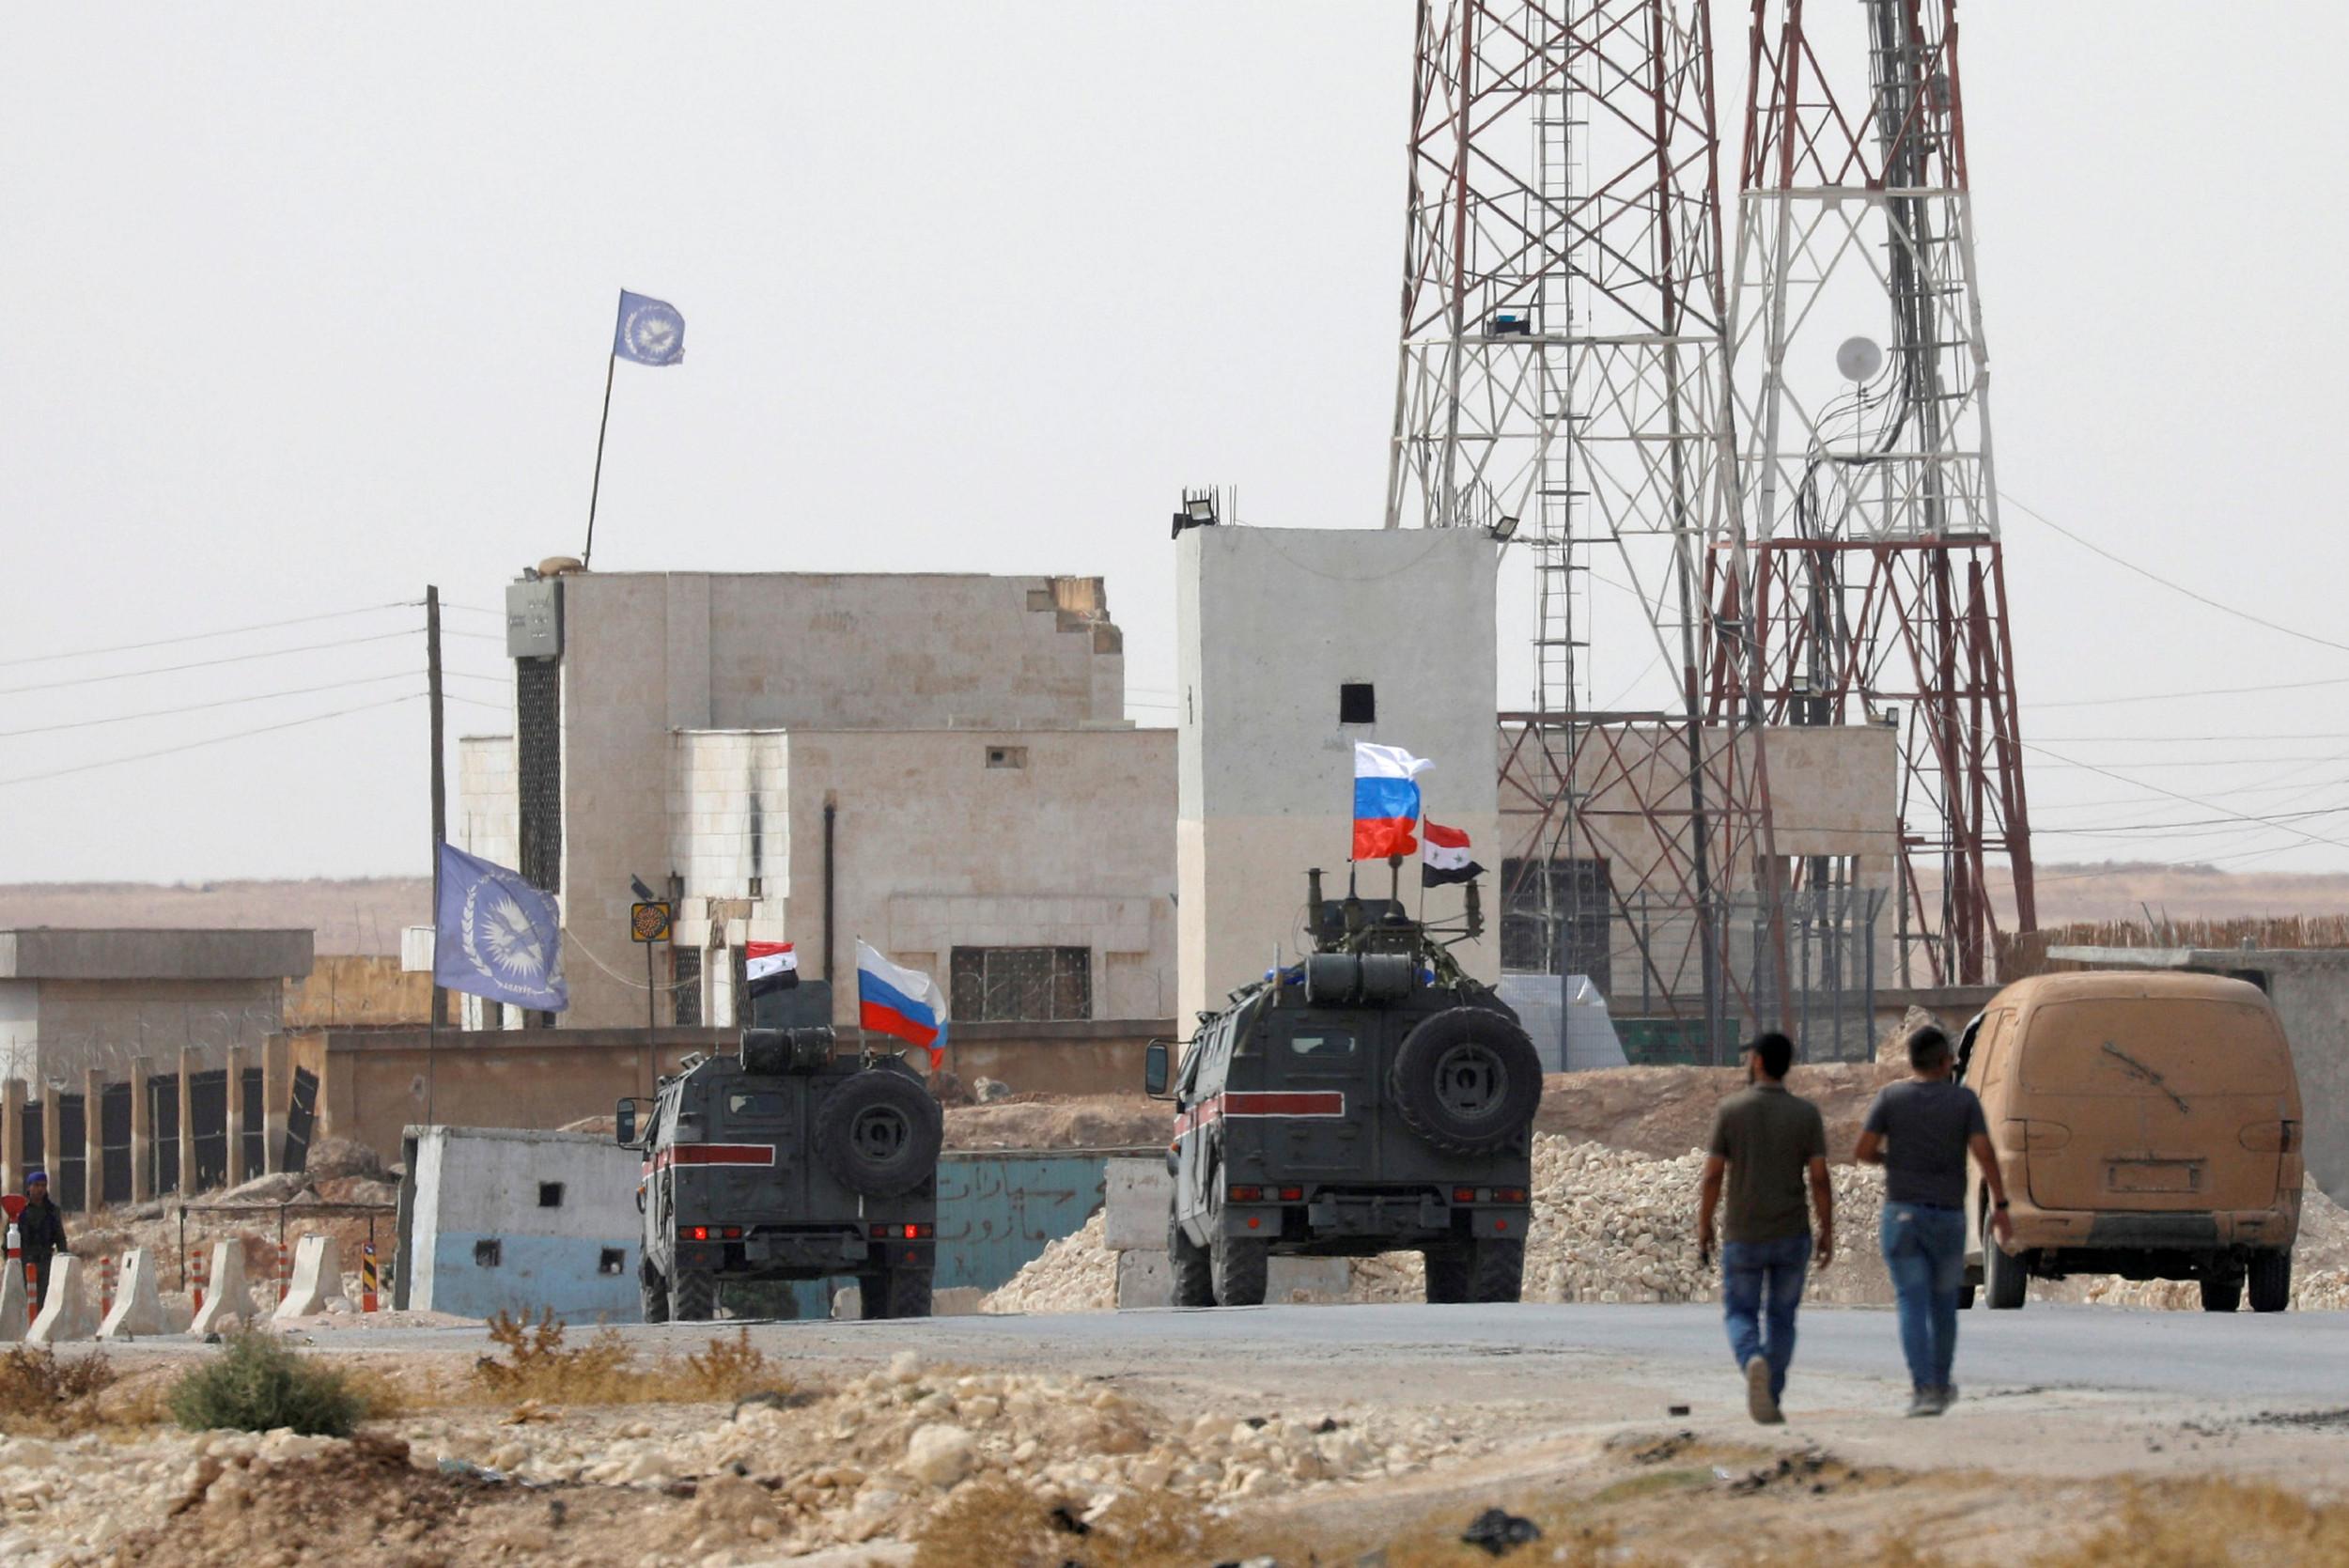 Војна возила са заставама Русије и Сирије патролирају у близини Манбија, 15. октобар 2019. (Фото: Omar Sanadiki/Reuters)